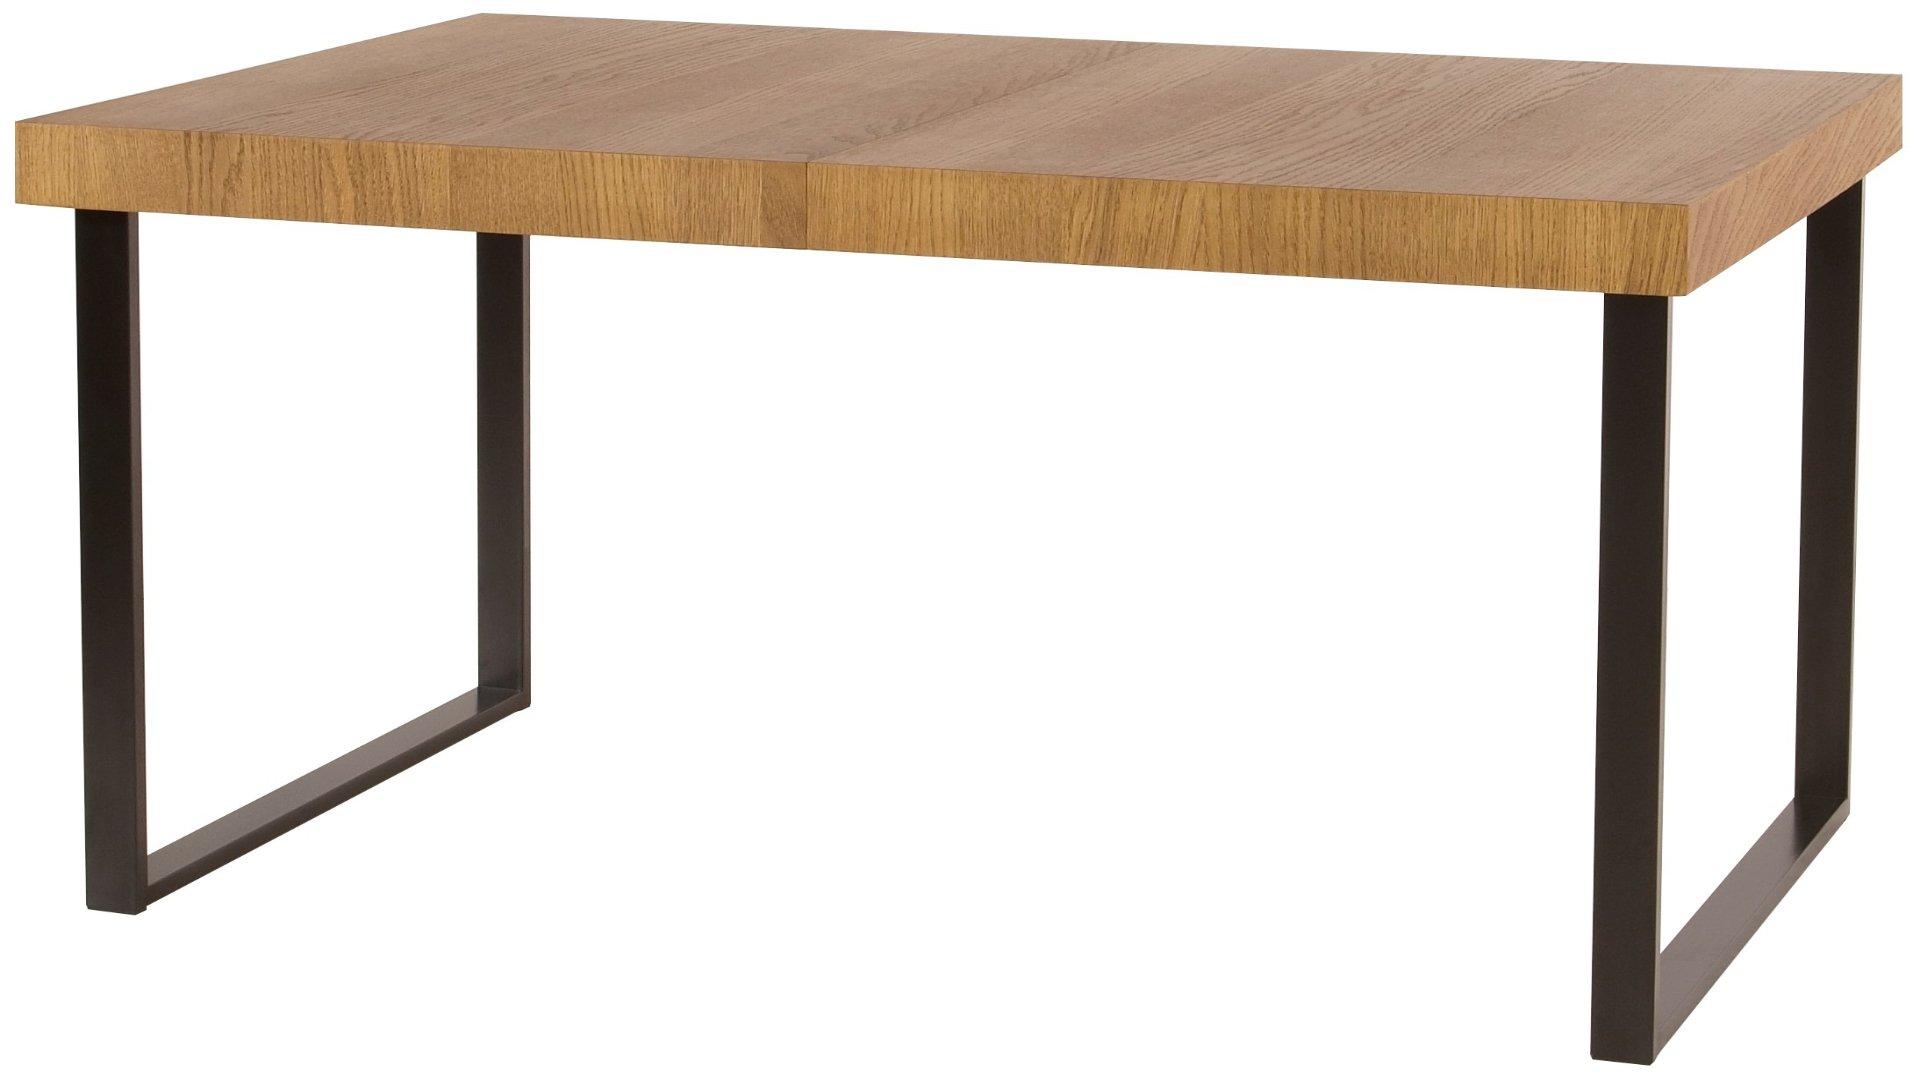 Τραπέζι Paragon επεκτεινόμενο